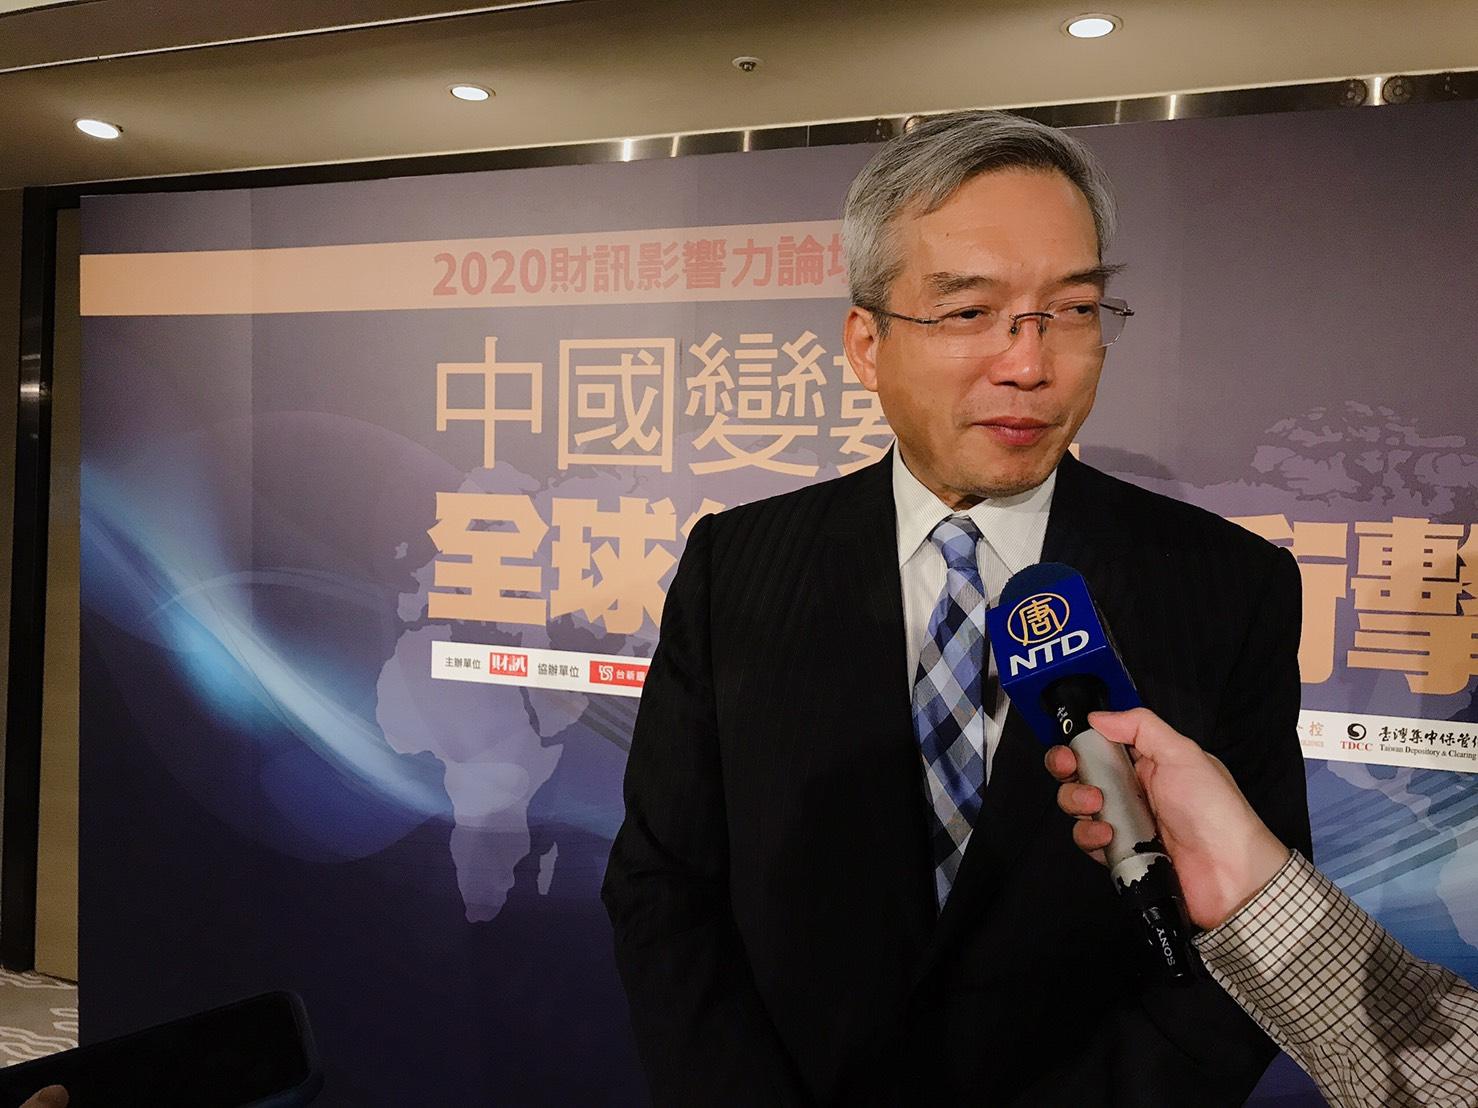 謝金河:台股創新高 反觀中國股市恐泡沫化